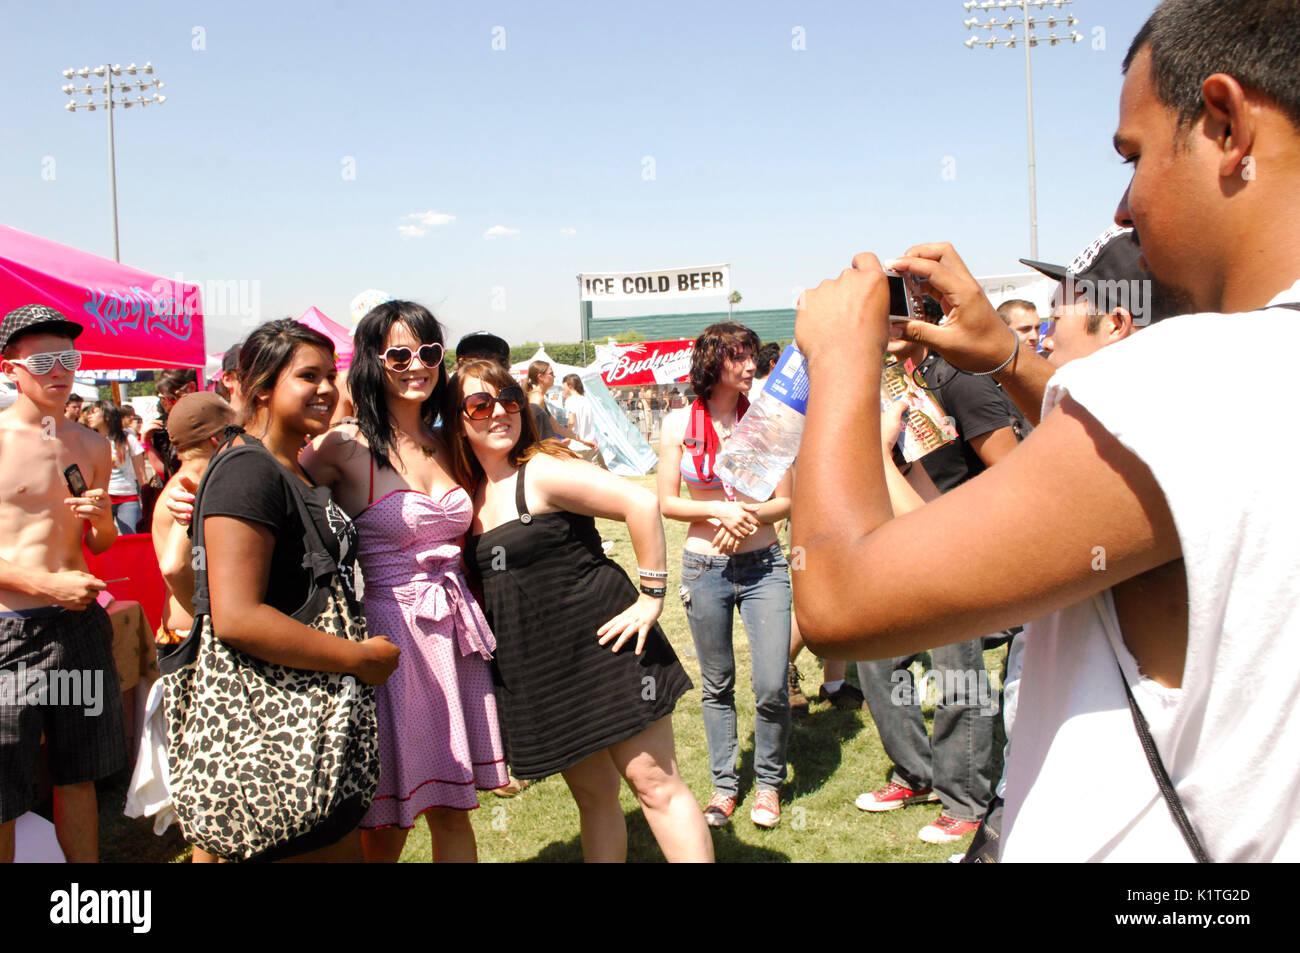 Katy Perry taking fan pics 2008 Vans Warped Tour Pomona Fairgrounds Pomona. - Stock Image